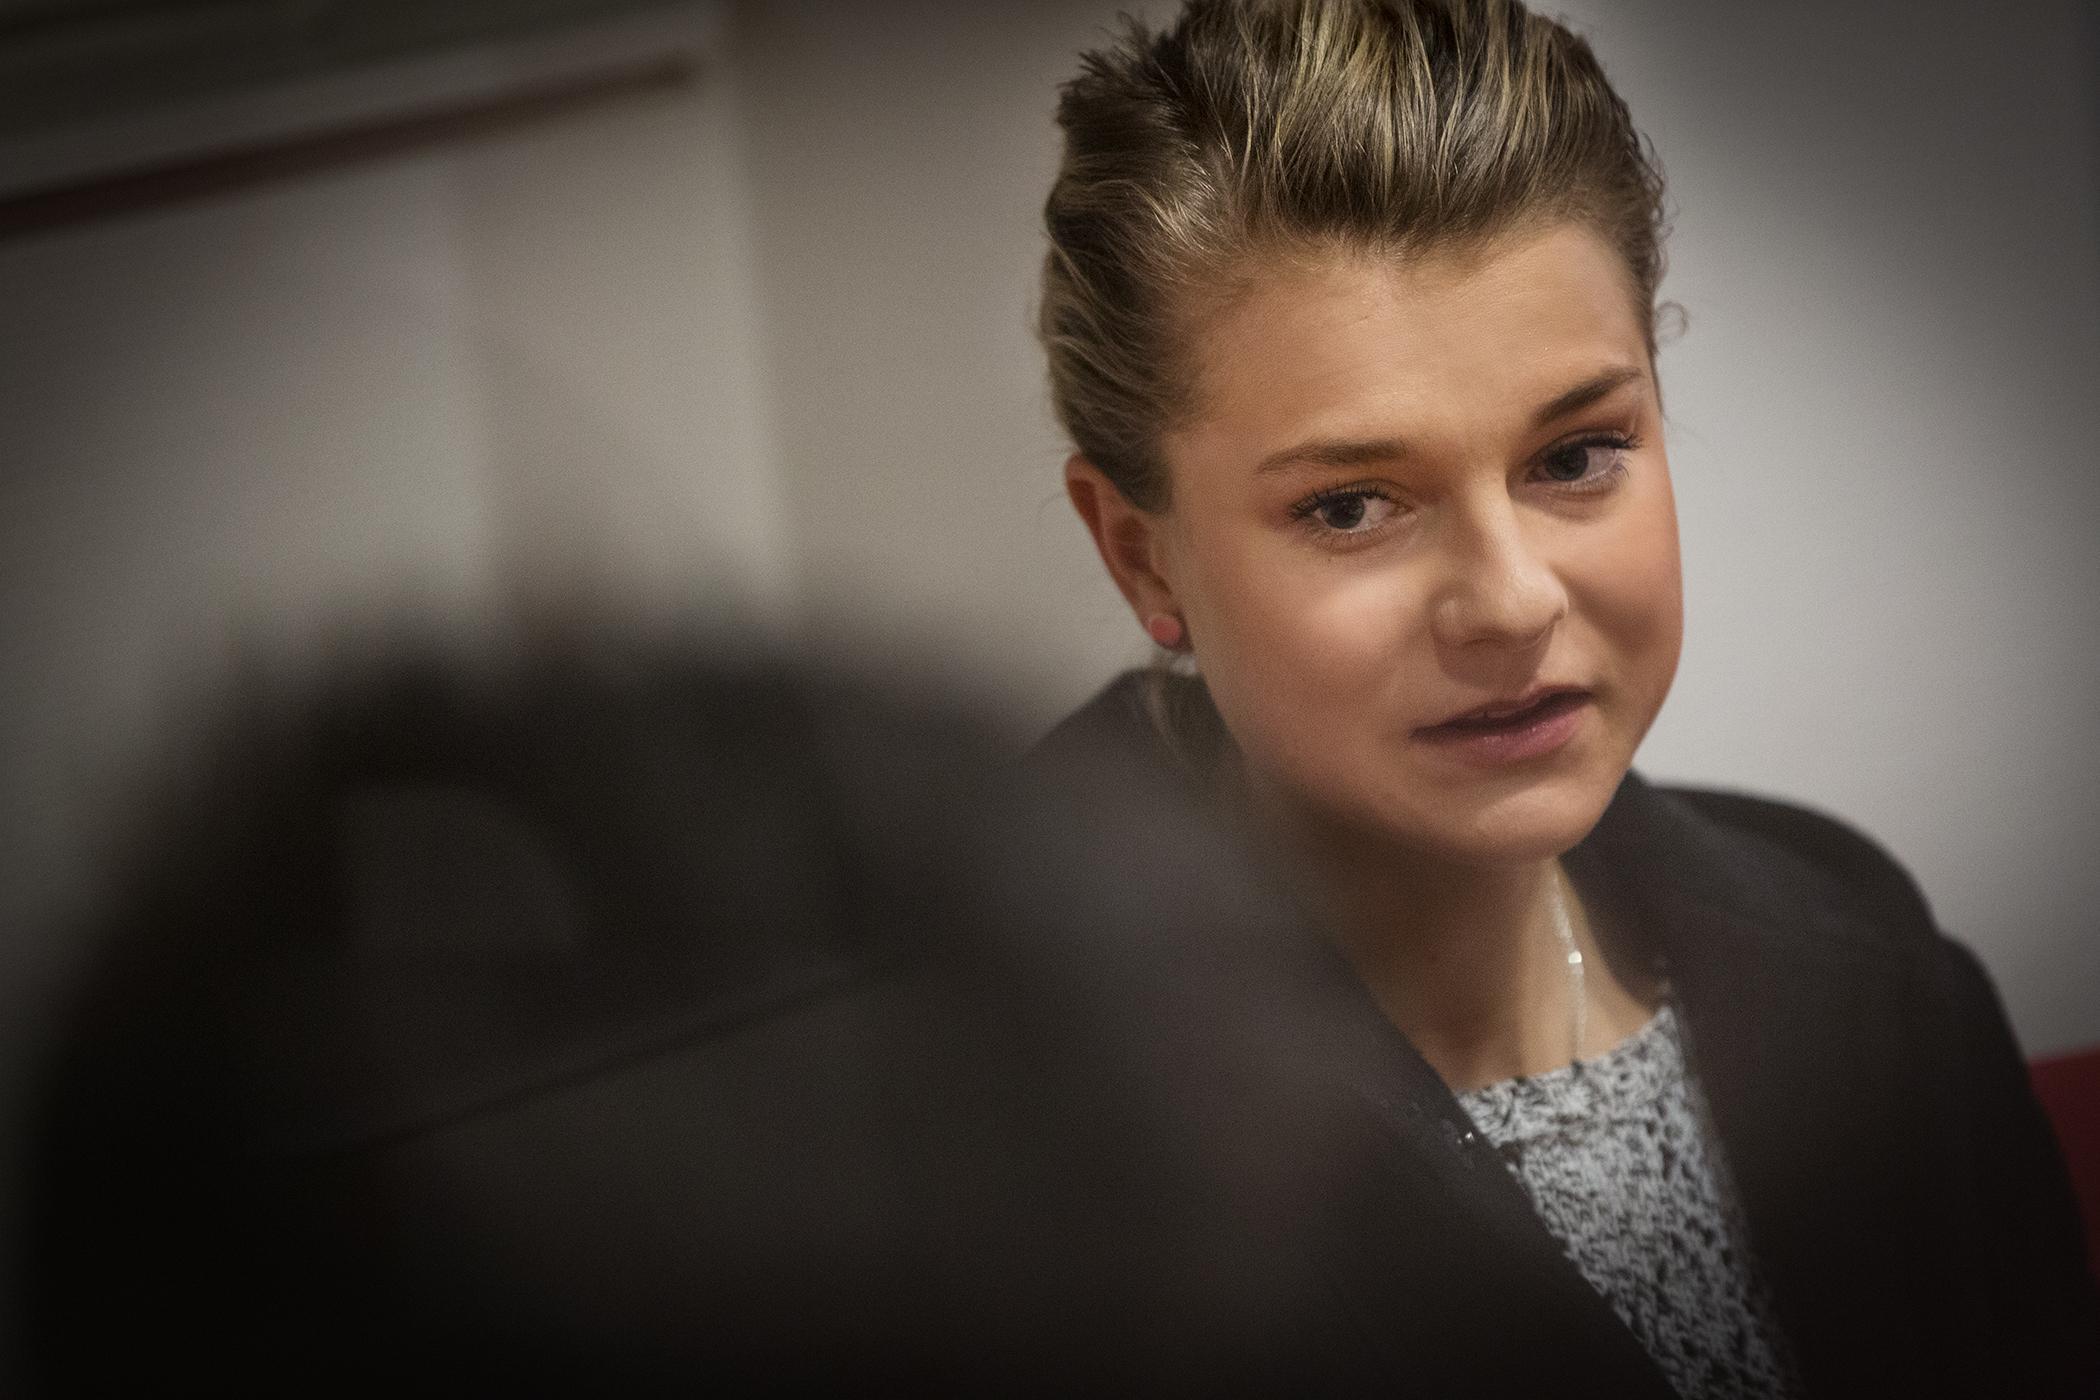 """Jenny Rissveds öppnar upp om comebacken: """"Mitt huvudmål är inte att vinna – det är att inspirera"""""""